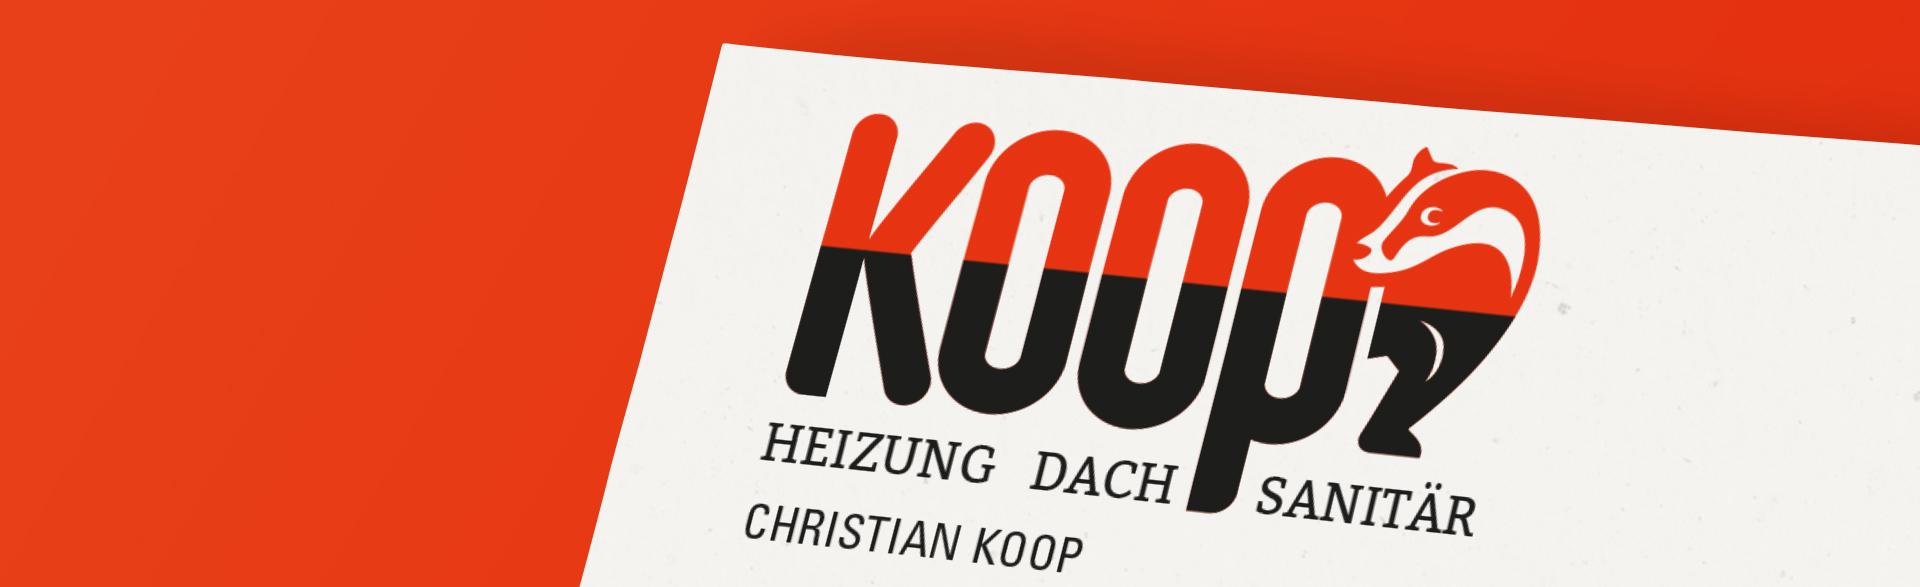 Logo der Firma Sanitärtechnik Koop - Schriftzug Koop mit einem hervorkommenden Dachs hinter dem letzten Buchstaben